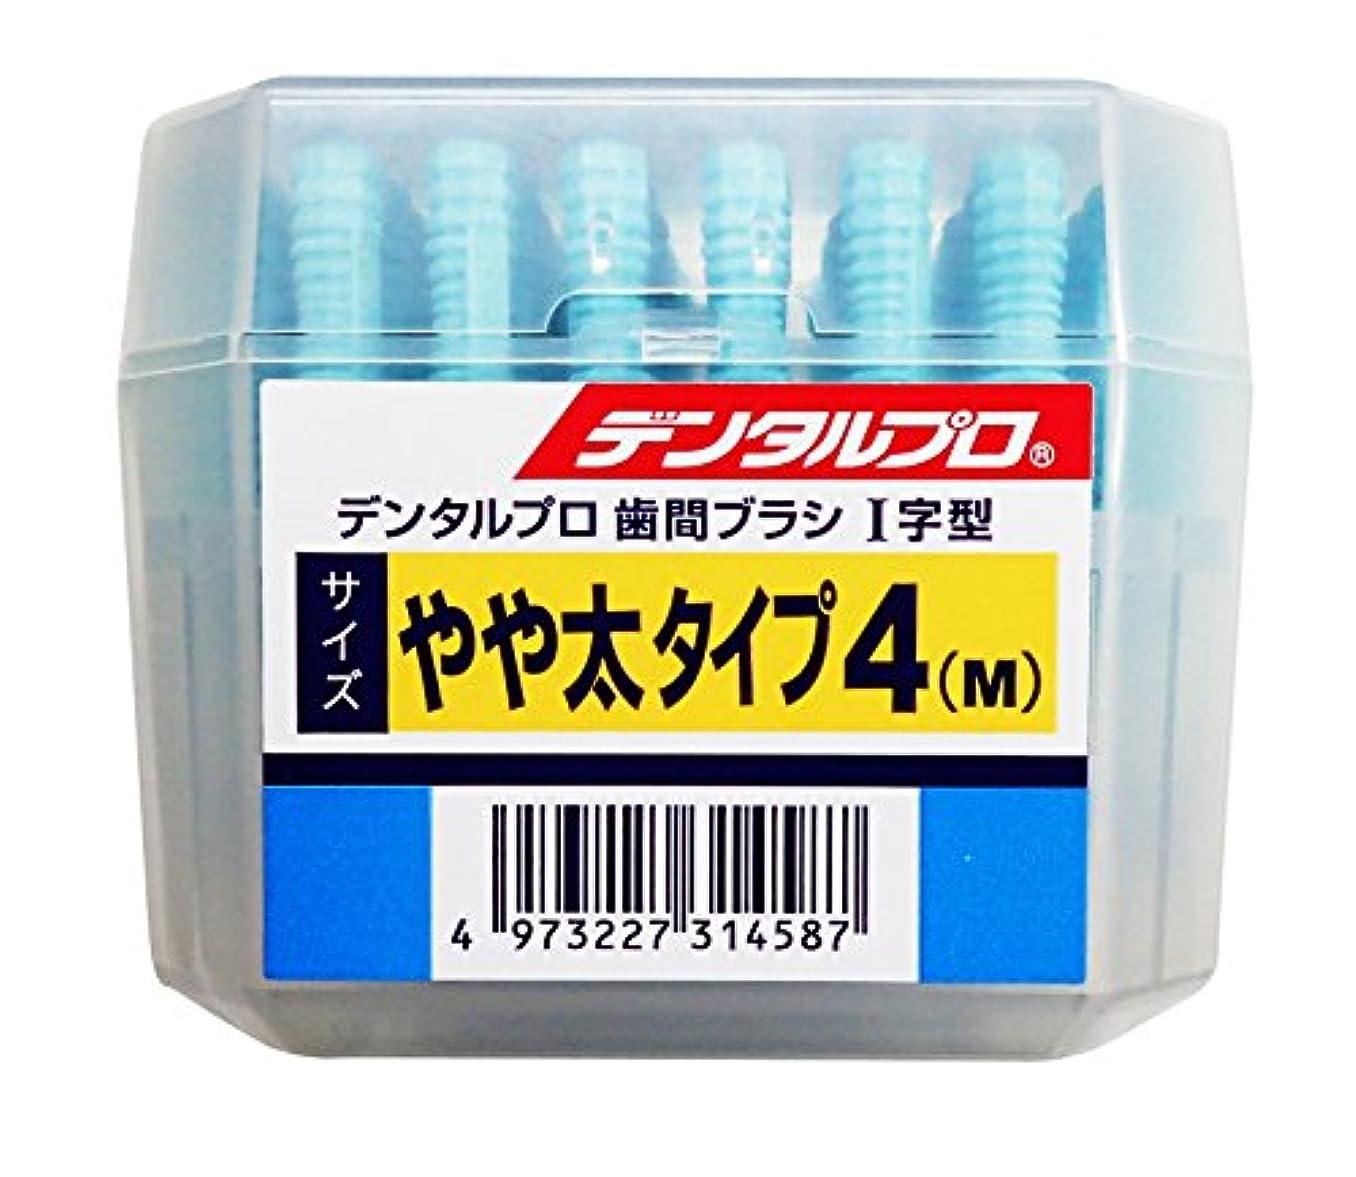 ナチュラツールパレードデンタルプロ 歯間ブラシ<I字型> サイズ4(M) 50本